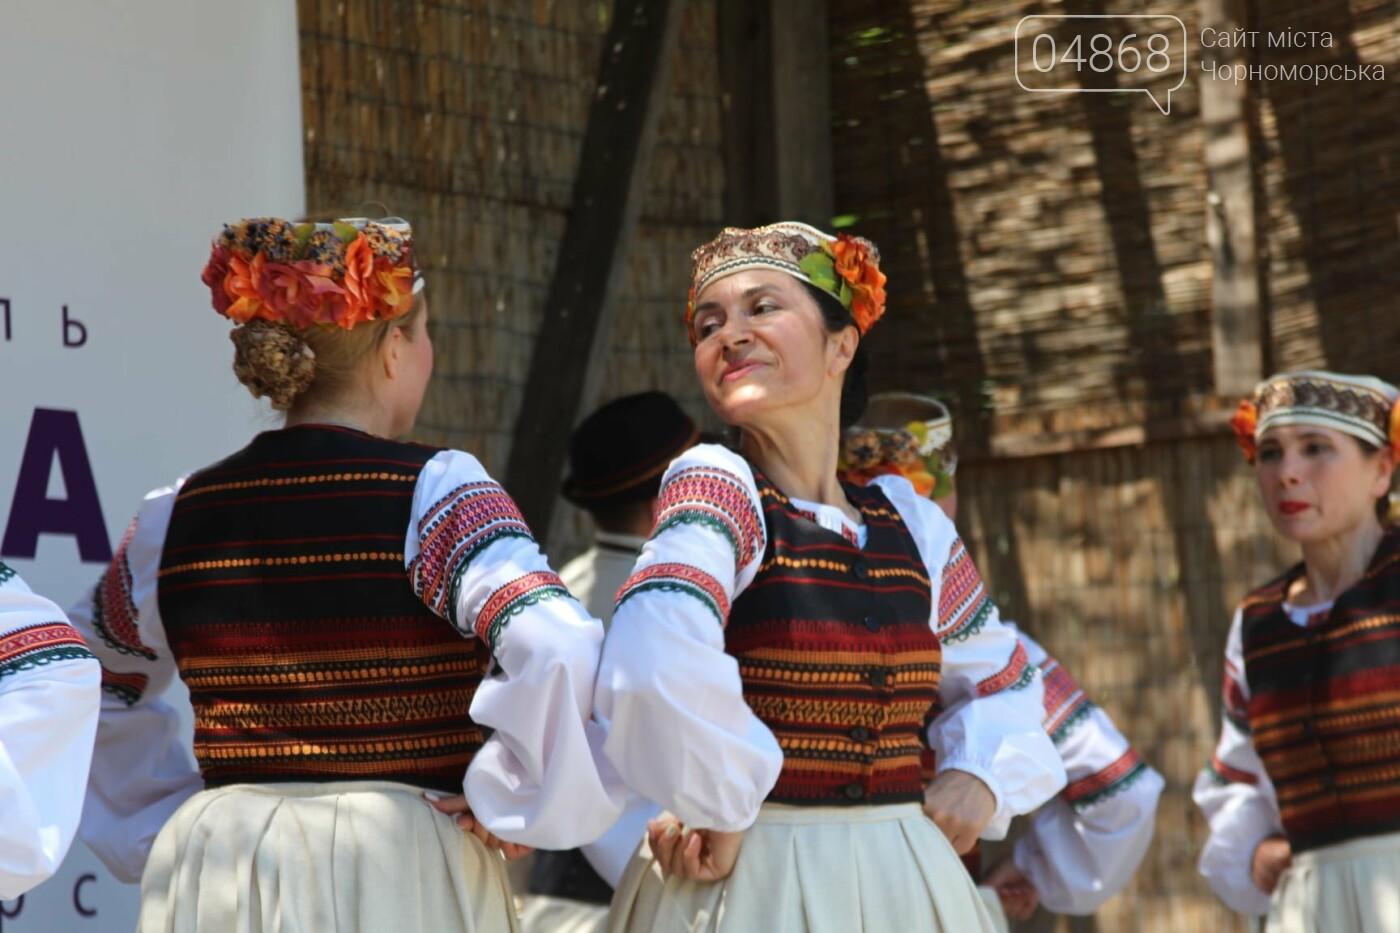 Черноморскую «Полундру» наградили дипломом «первой степени», фото-4